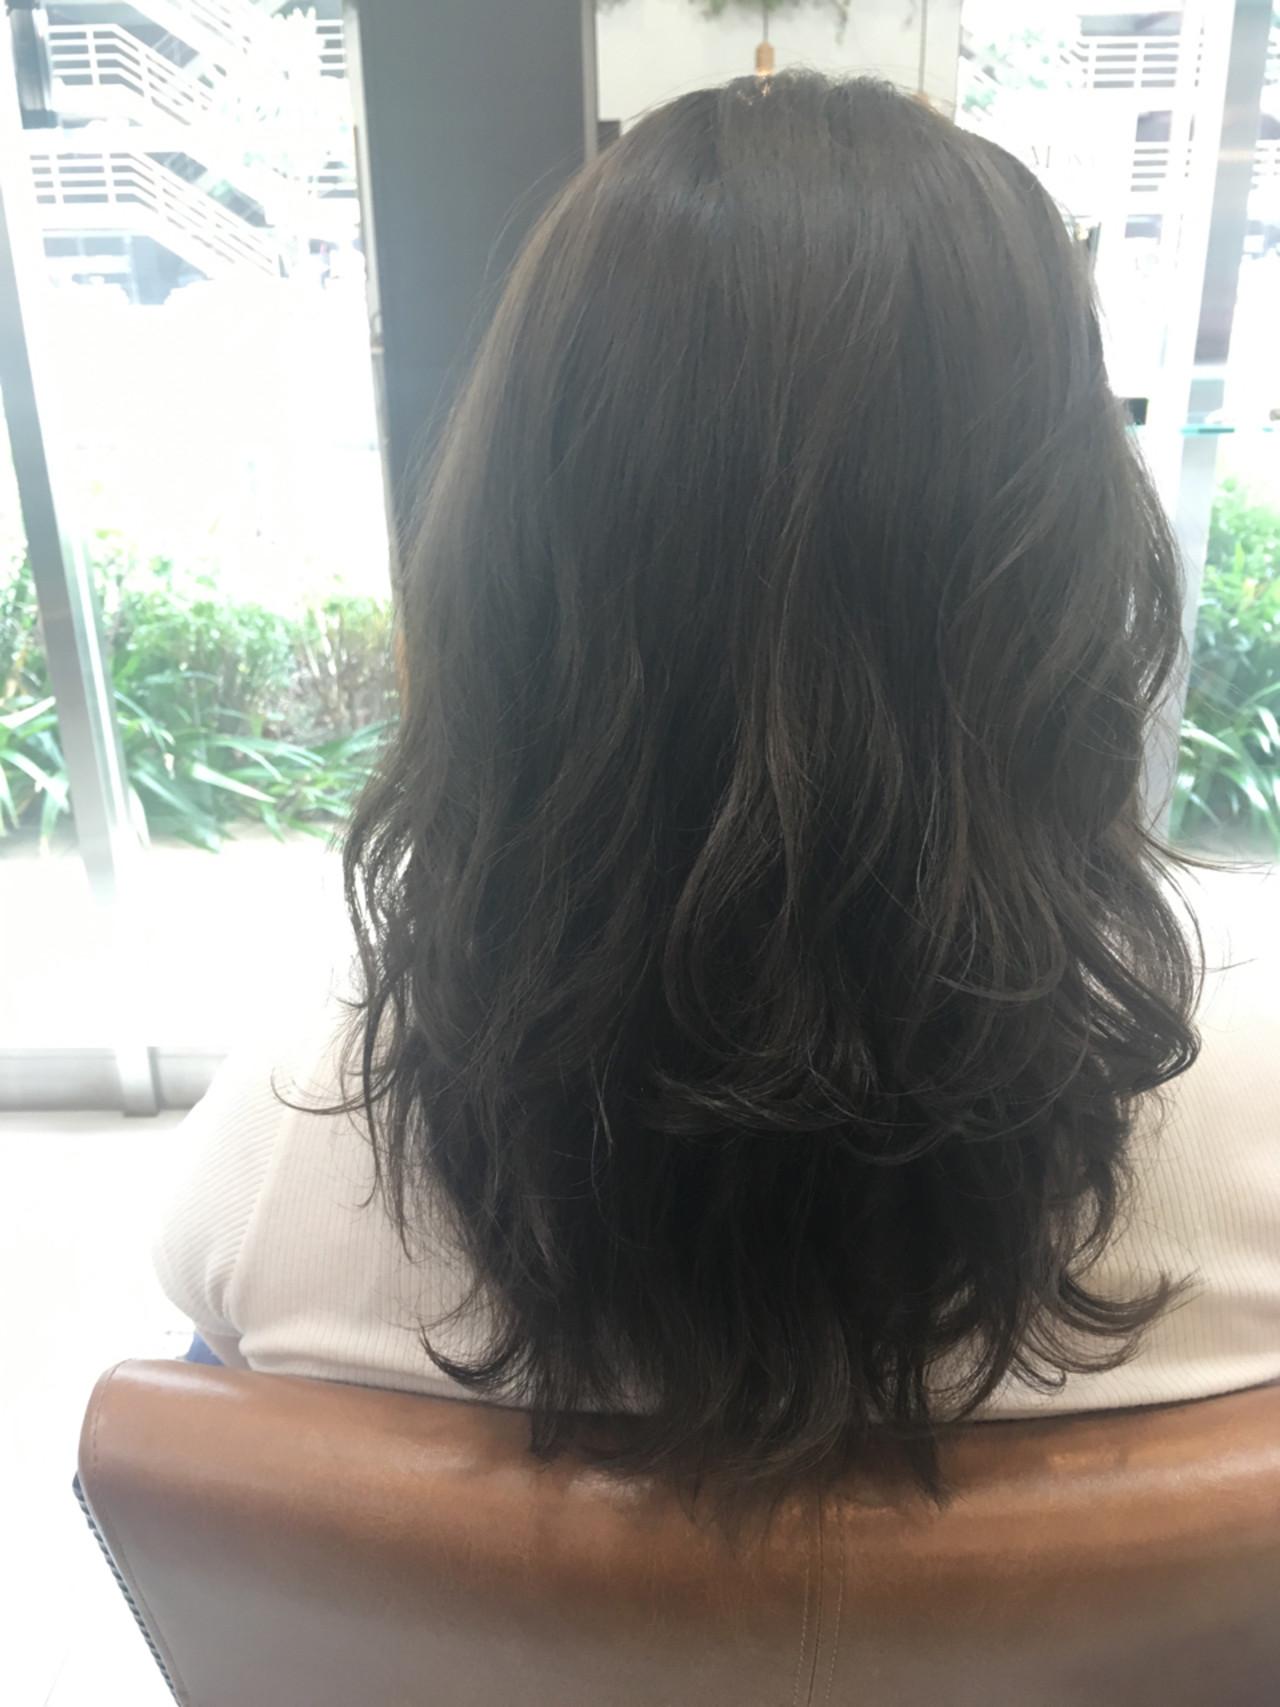 グレージュ アッシュグレージュ ロング ゆるふわ ヘアスタイルや髪型の写真・画像 | 大谷 伶美 / brace / soin de brace